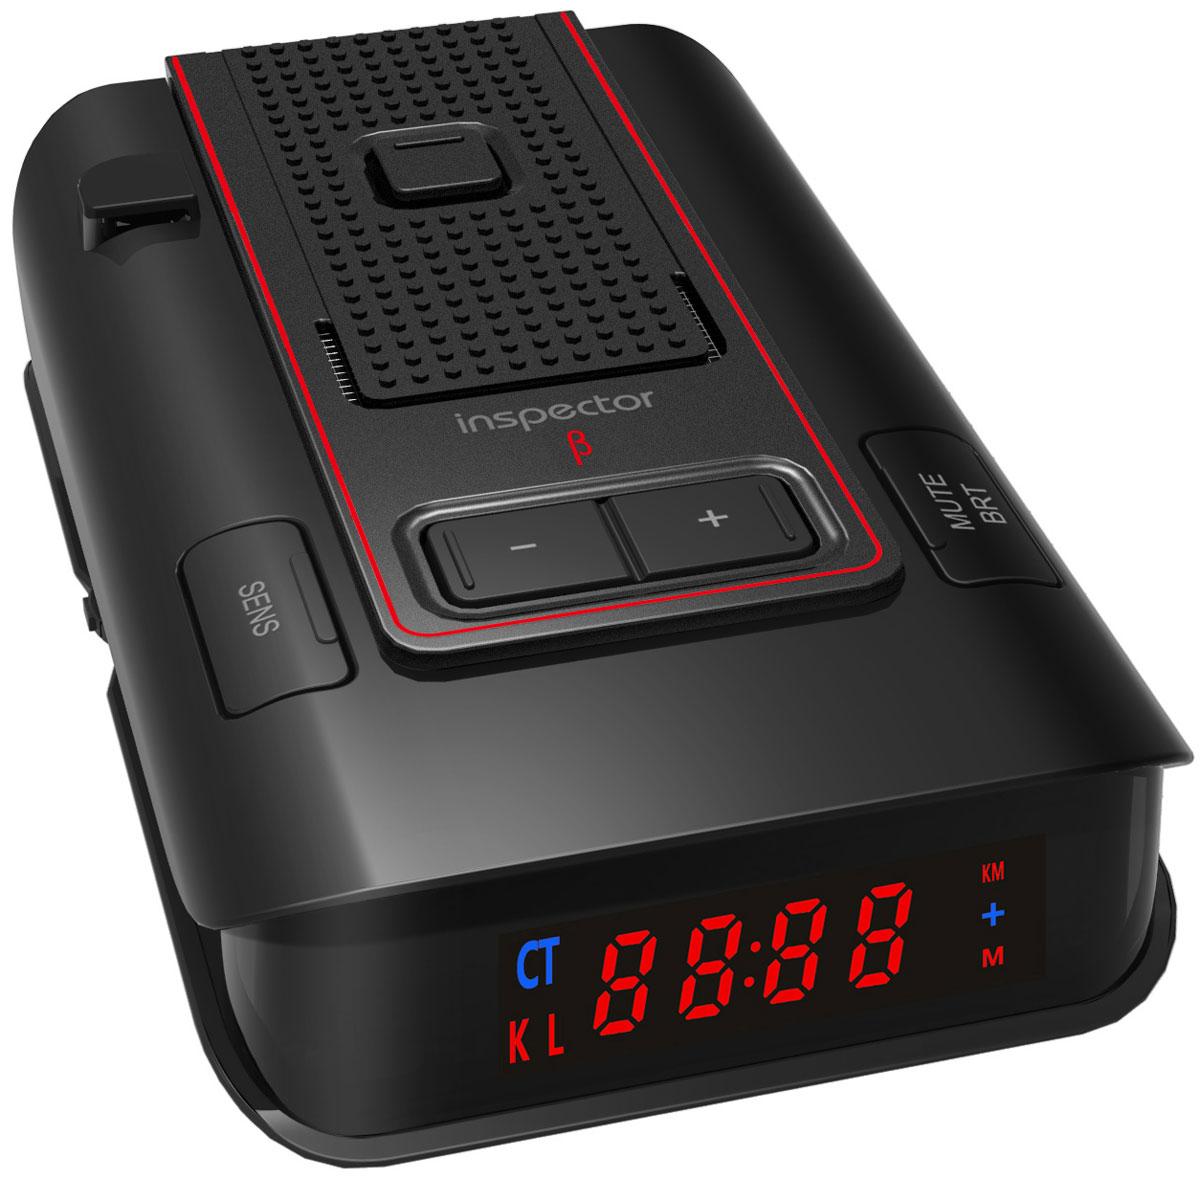 Inspector RD X3 BETA, Black радар-детекторRD X3 BETAInspector RD X3 BETA - это высокотехнологичное устройство, включающее в себя высококачественный радар- детектор для обнаружения сигналов радаров ГИБДД и GPS-информатор с широким функционалом и обновляемой базой GPS координат. Радар-детектор - устройство, позволяющее определить сигнал радара ГИБДД, который используется для определения скорости движения вашего автомобиля. Такое предупреждение позволит вам заблаговременно сбросить скорость вашего автомобиля в случае, если она превышает допустимую правилами данного участка движения, и избежать штрафа за нарушение. GPS-информатор - устройство, предназначенное для заблаговременного оповещения о стационарных объектах контроля скорости, благодаря внесенной в память устройства базе координат. Эта база данных является обновляемой и содержит координаты стационарных, малошумных радаров, безрадарных комплексов видеофиксации типа Автодория, камер контроля полосы движения для общественного транспорта и...